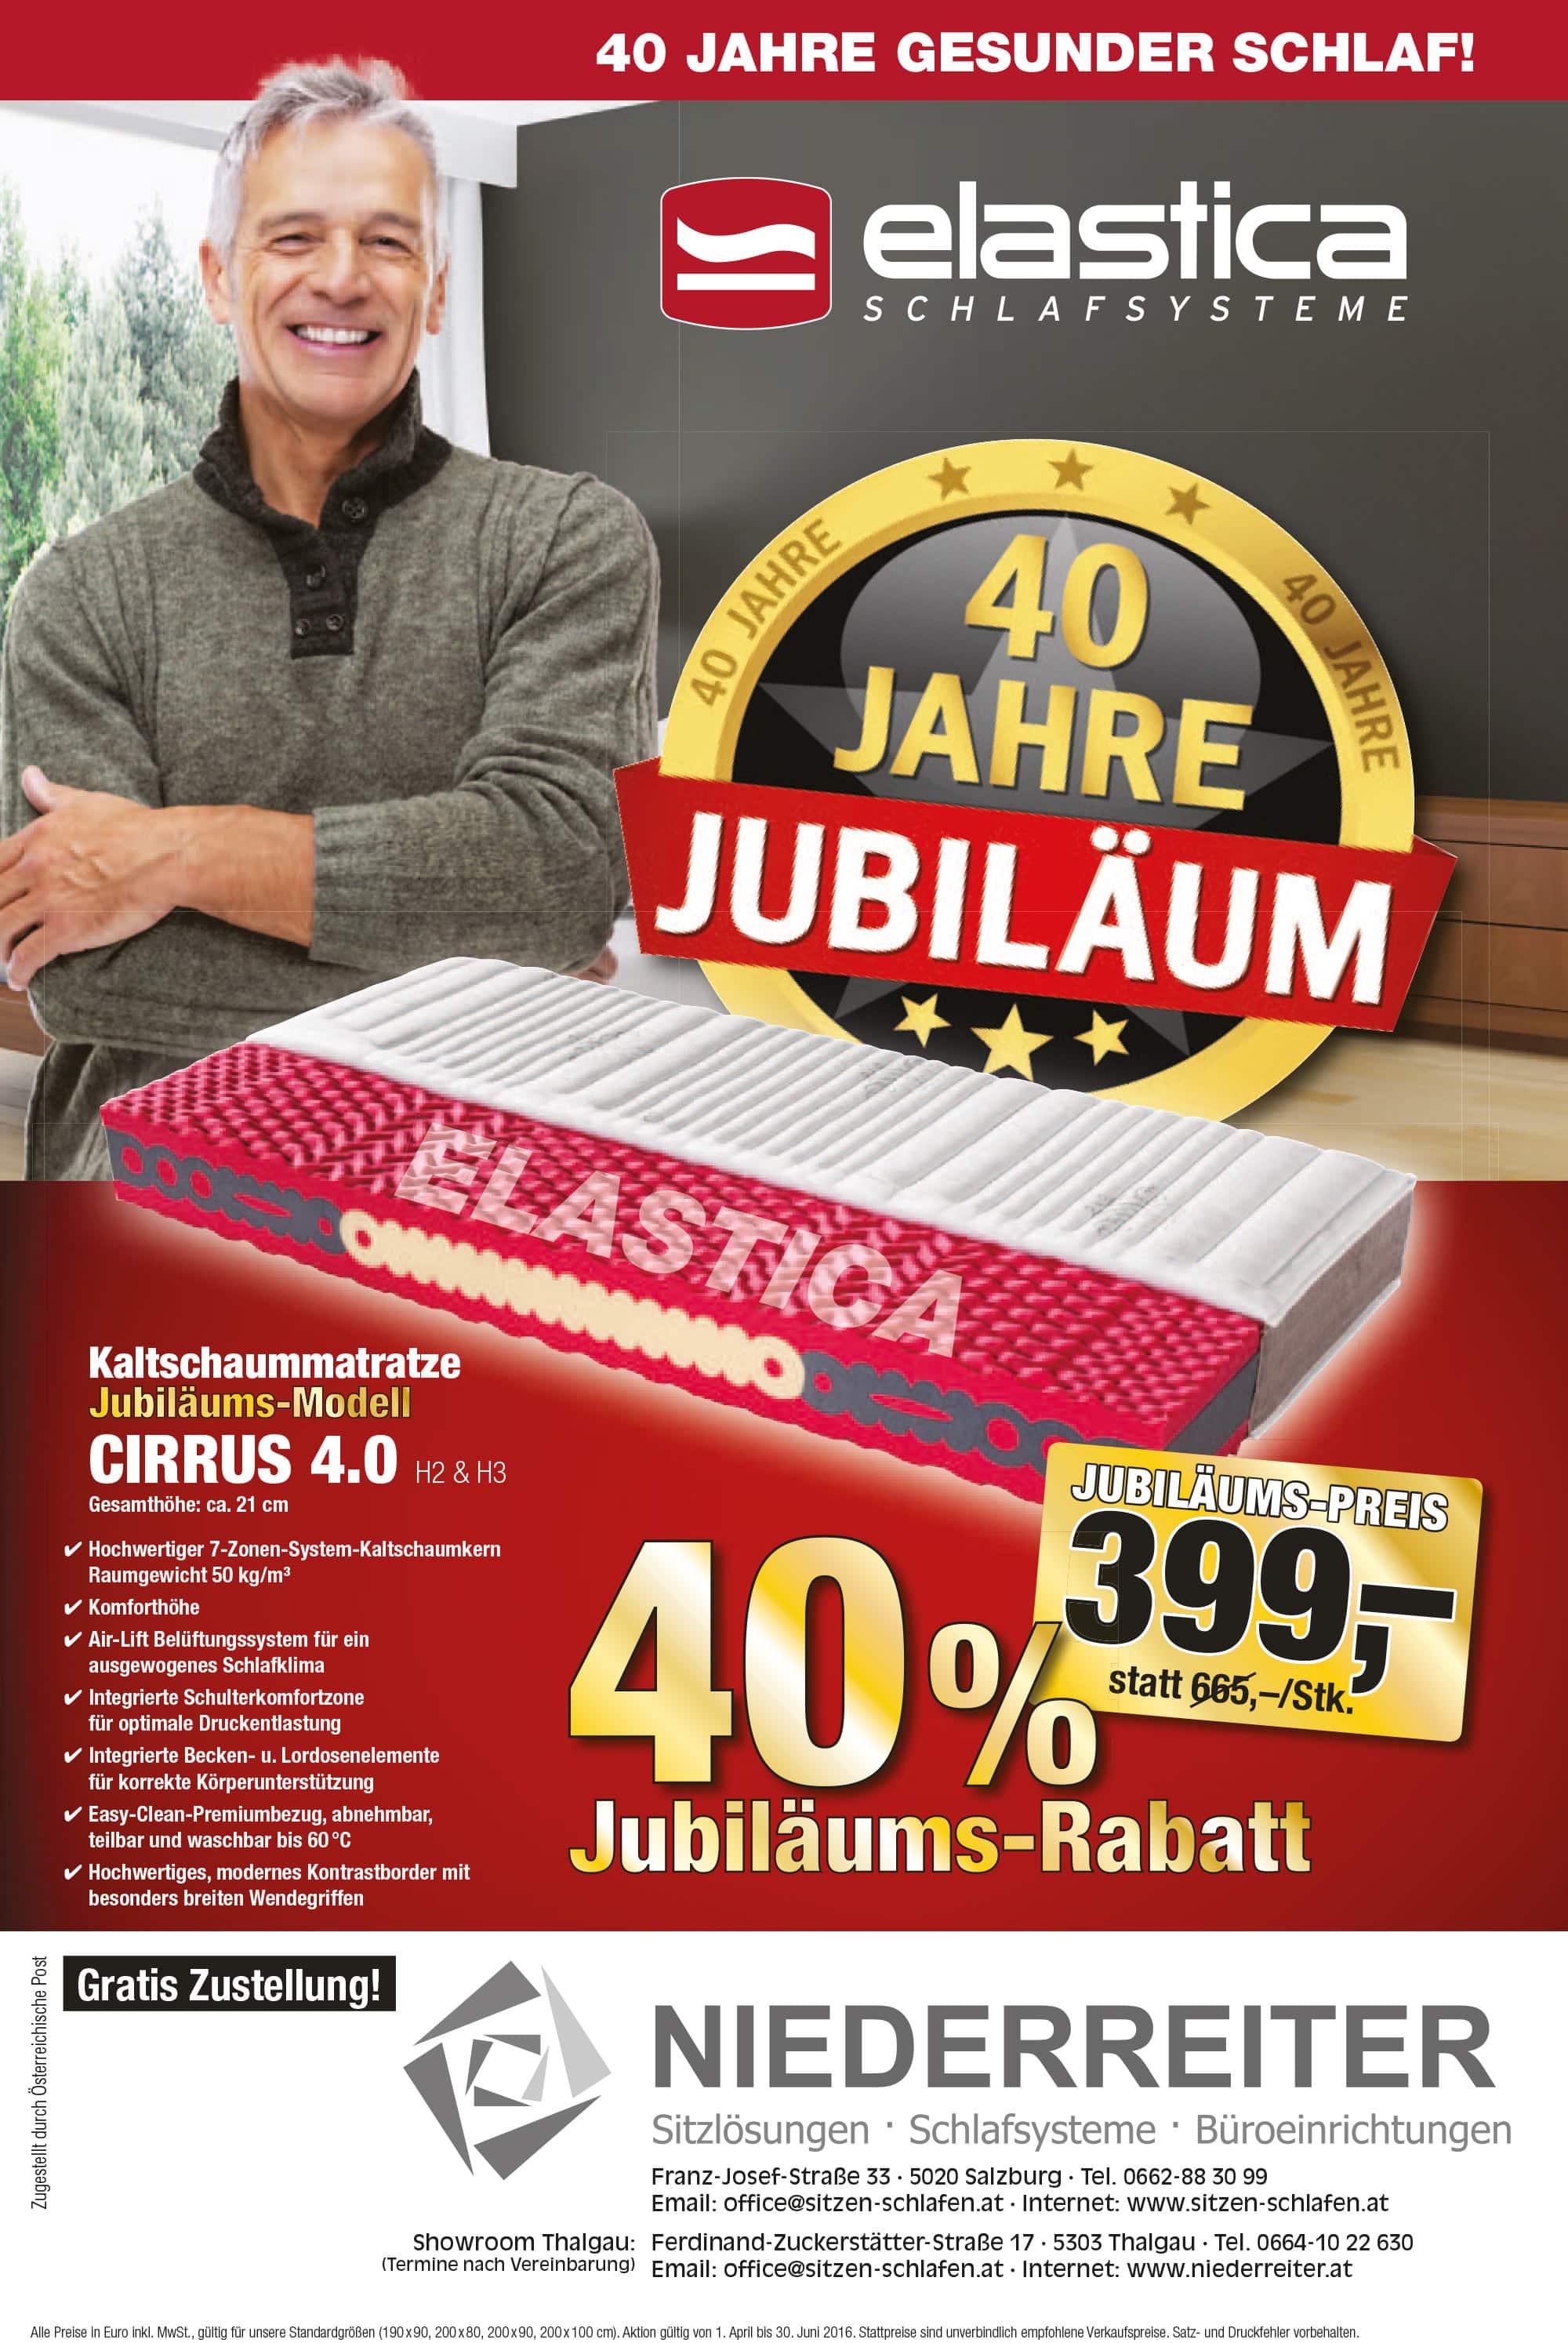 Niederreiter - elastica - 40 JAHRE JUBILÄUM